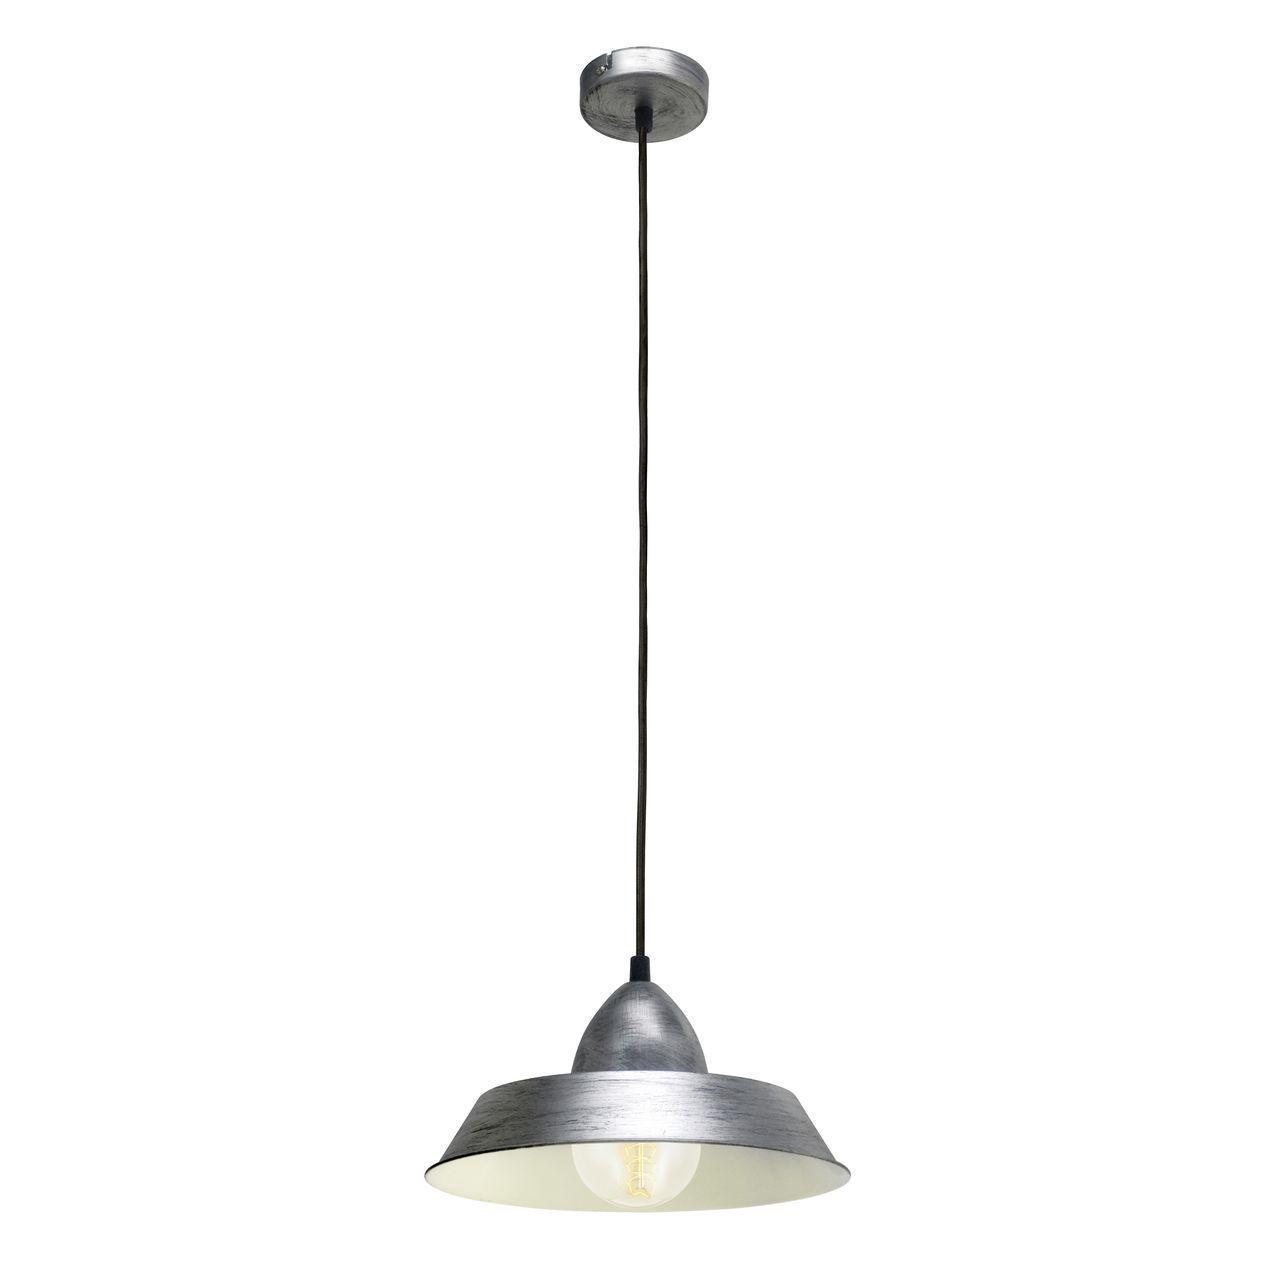 Подвесной светильник Eglo Vintage 49246 подвесной светильник eglo vintage 49214